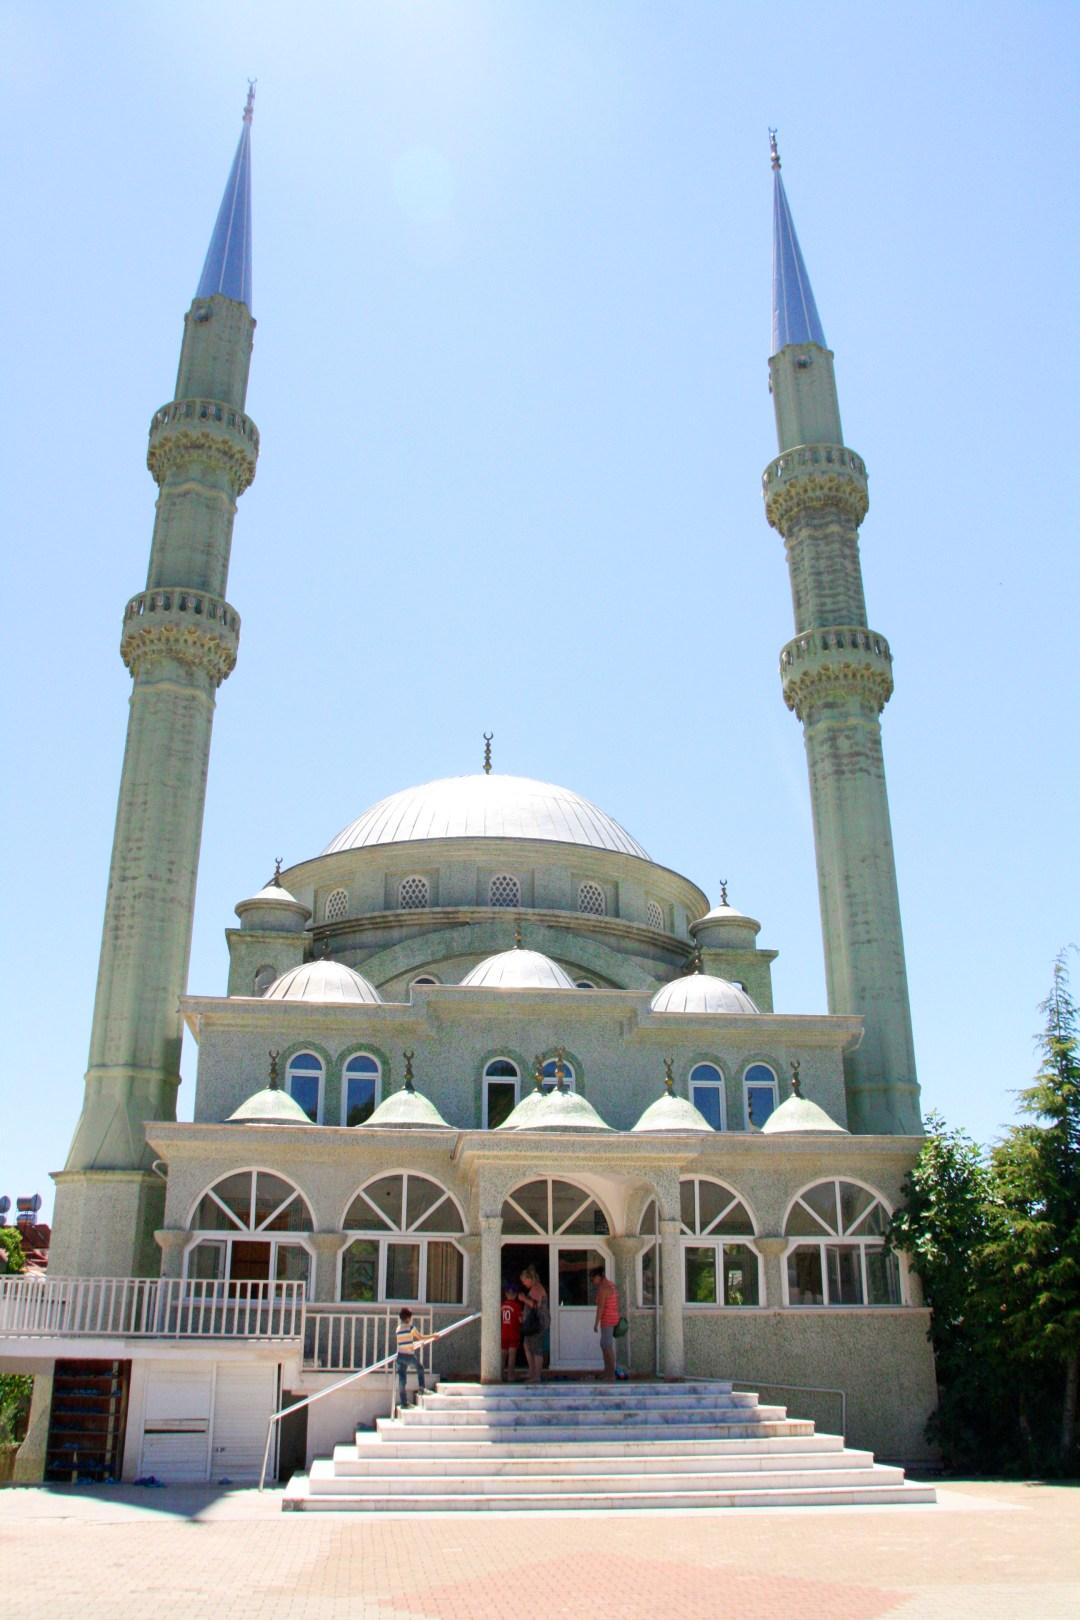 bøn 5 gange dagligt, den muslimske bøn, hvor mange gange er der bøn, hvor mange gange er der bøn hver dag, bøn i alanya, hvor tit beder de i alanya, torsdags bøn, fredags bøn, bøn i tyrkiet, bøn muslimsk